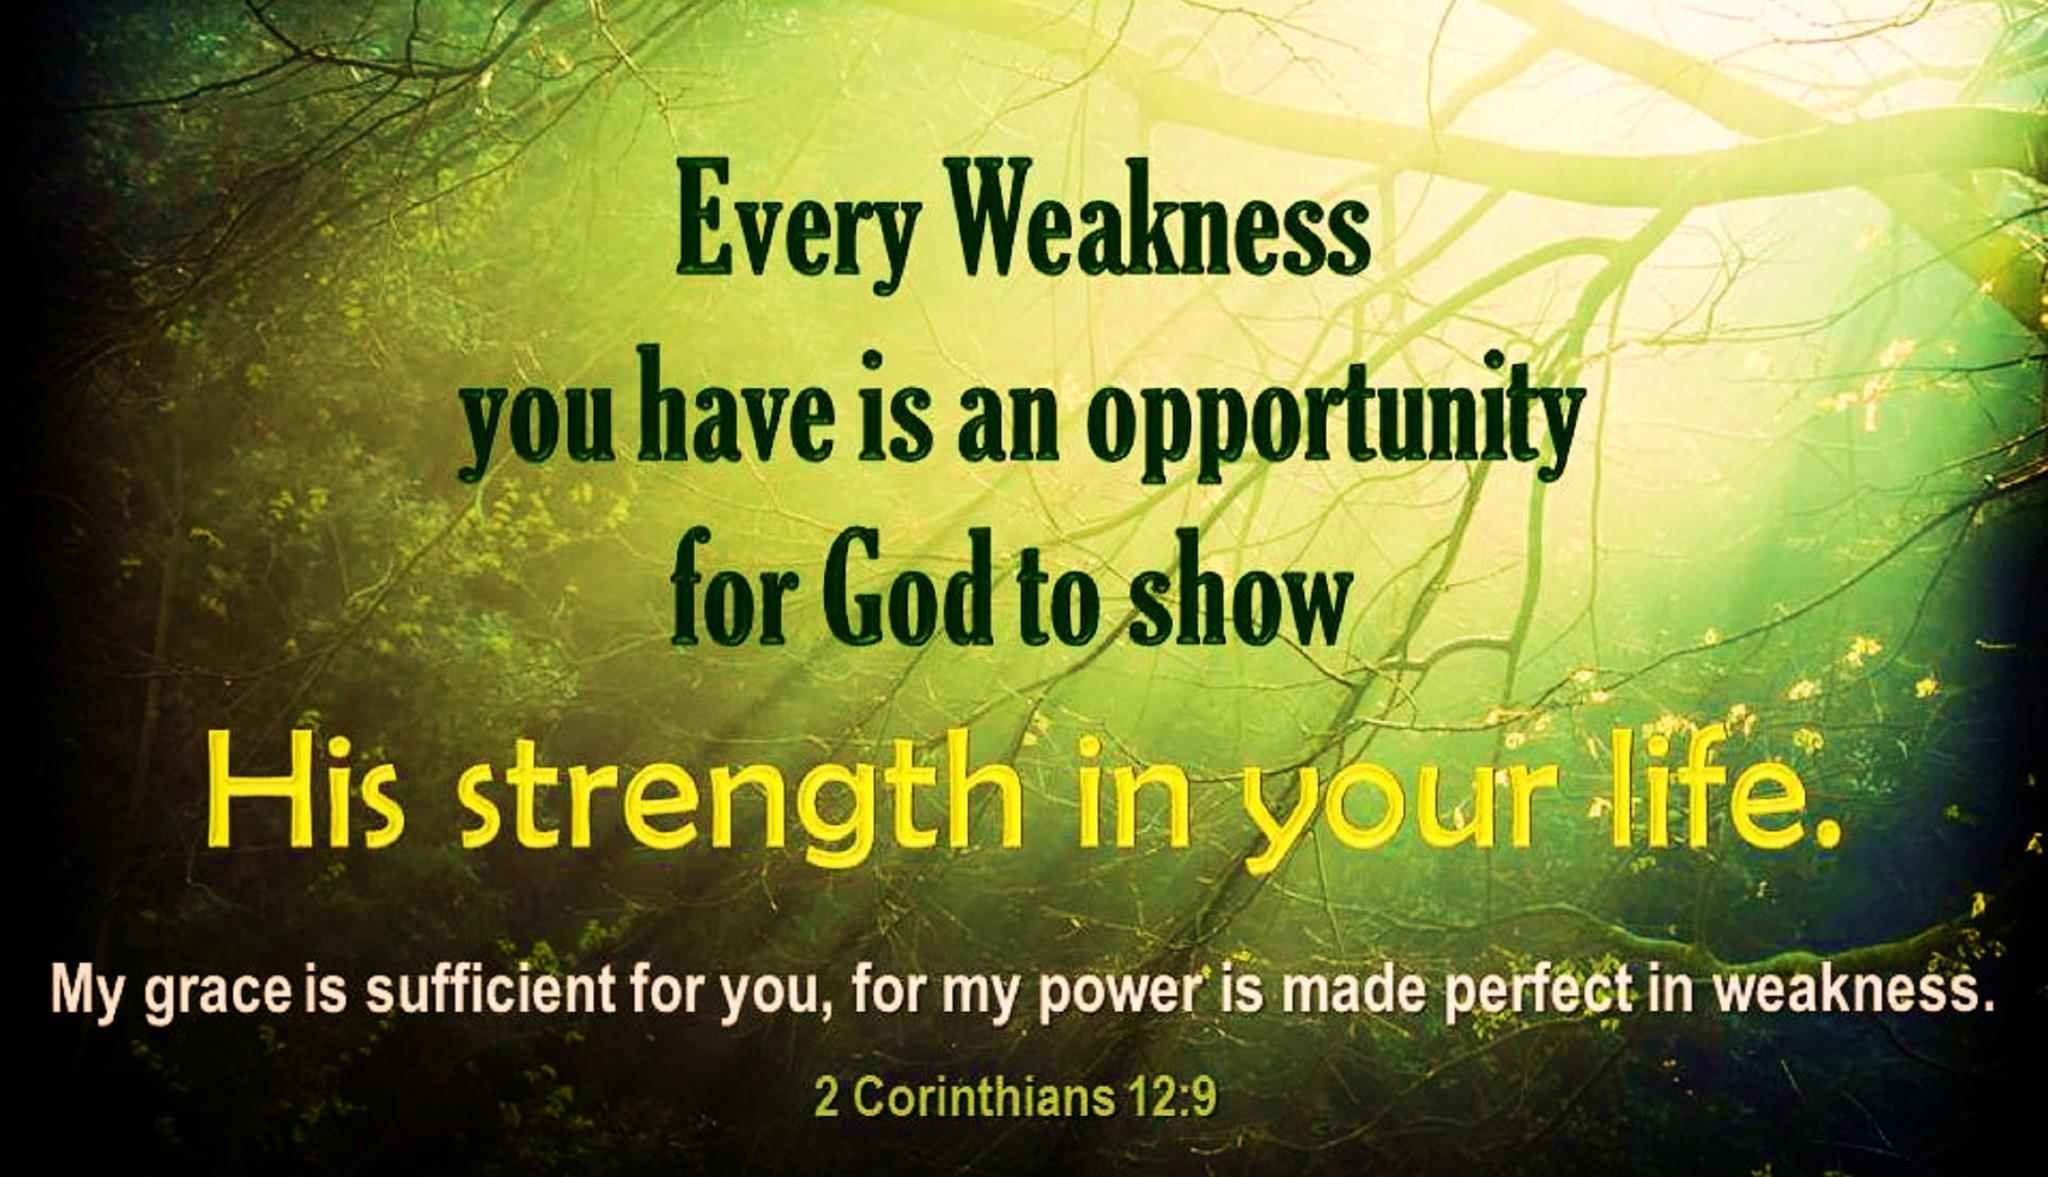 scriptureimage2corinthians1209